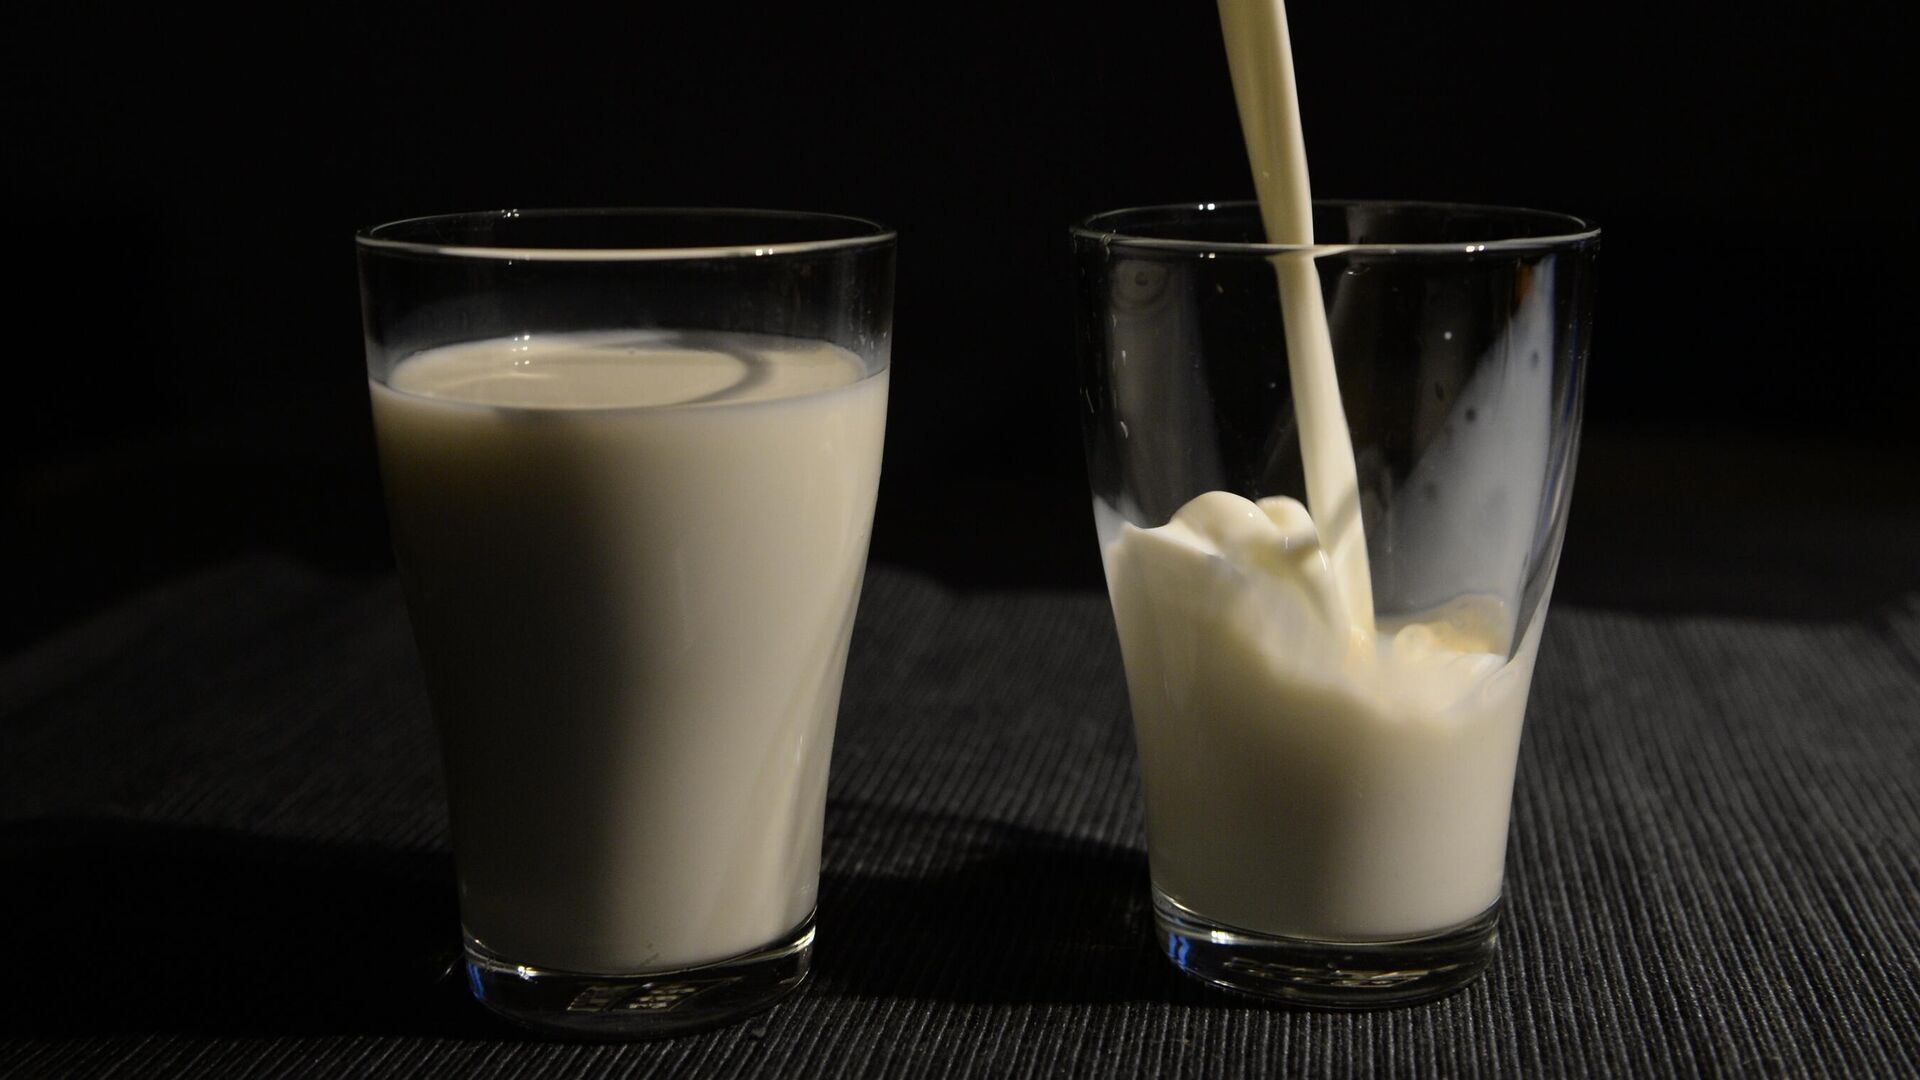 Молоко в стаканах - РИА Новости, 1920, 16.08.2020